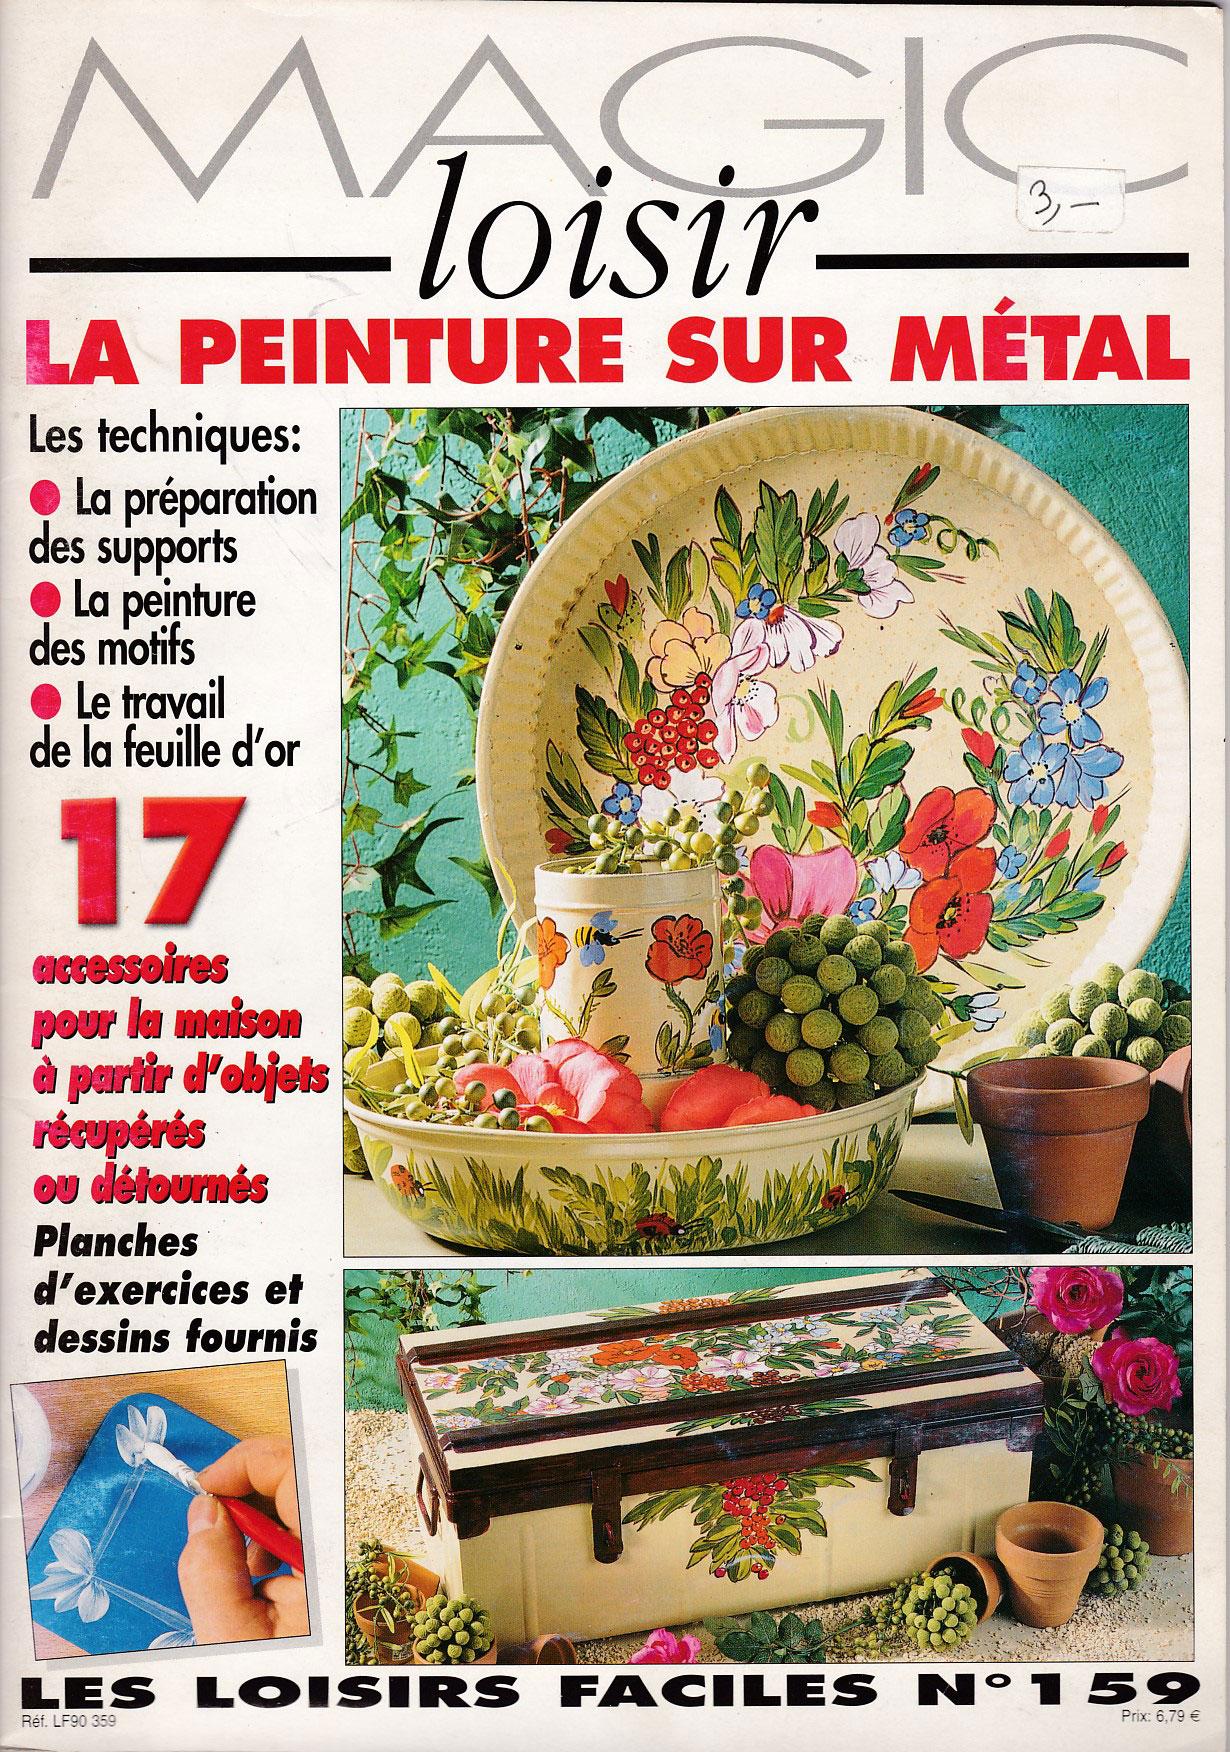 Revue Magic Loisir N°159 - La peinture sur métal